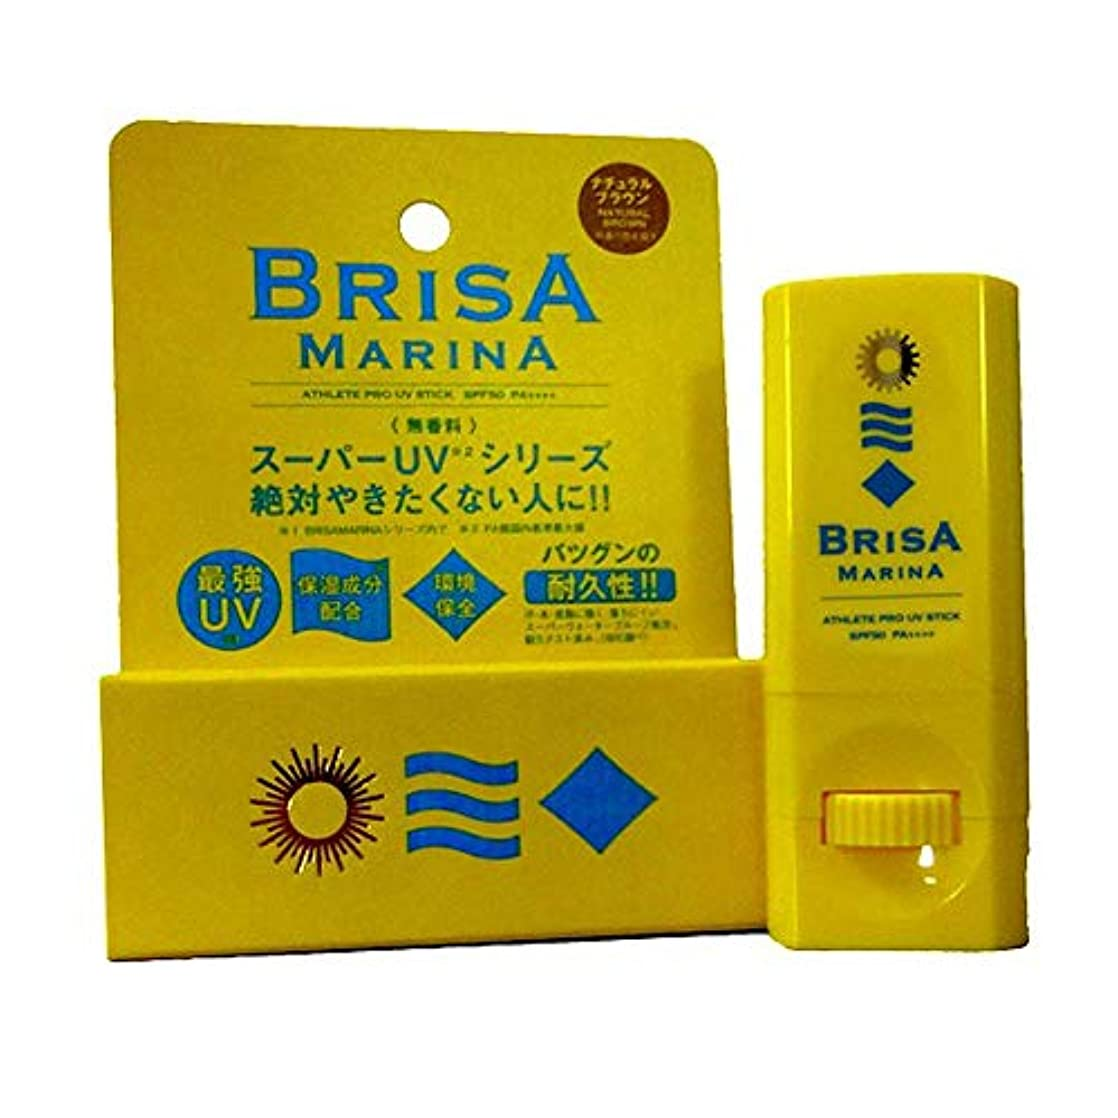 自宅で登山家エレガントBRISA MARINA(ブリサマリーナ) ATHLETE PRO UV STICK 10g 日焼け止め スティック (02-NATURAL BROWN)